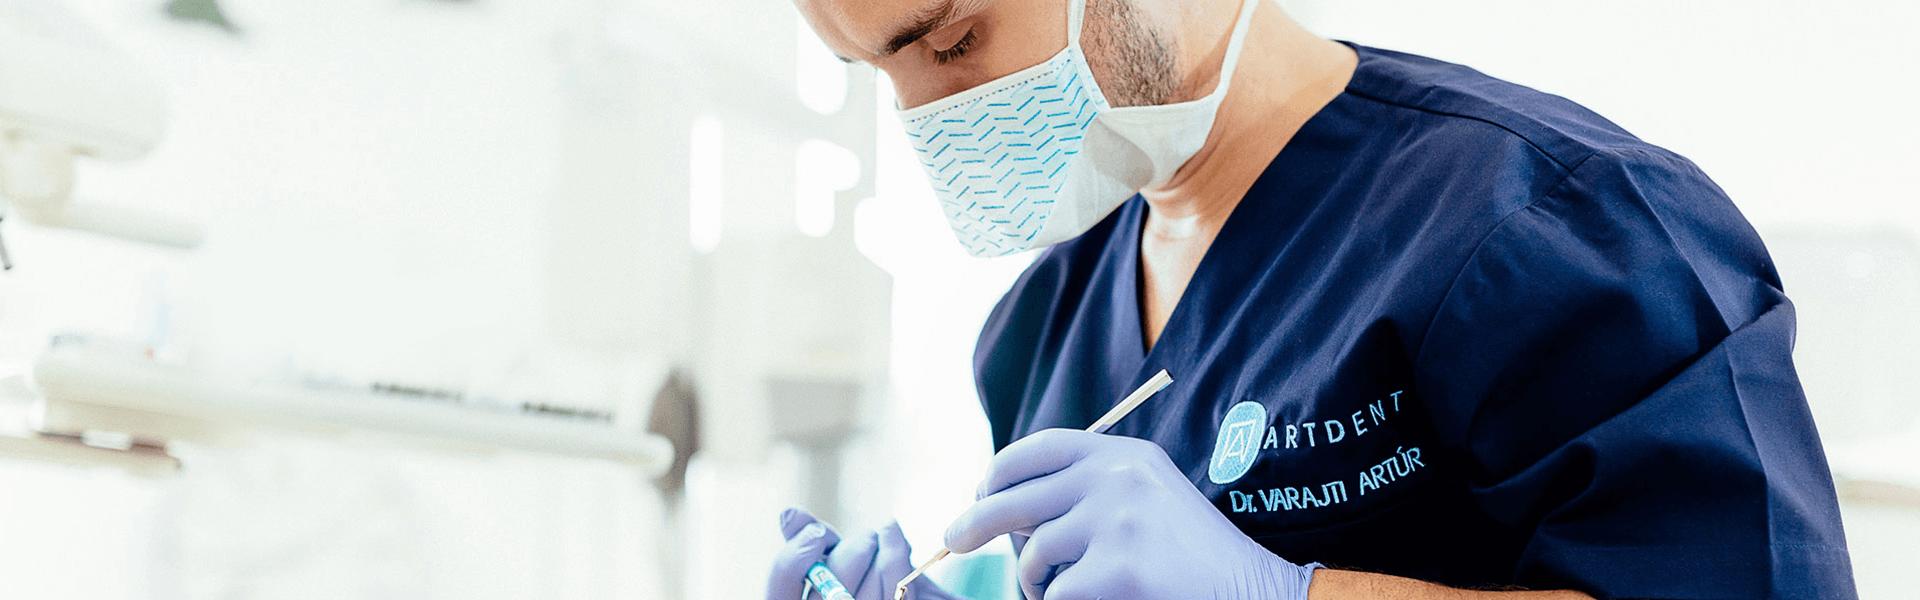 Dr. Varajti Artúr fogorvos, szájsebész érzéstelenítőt ad a pácienst a budapesti fogászati rendelőben.